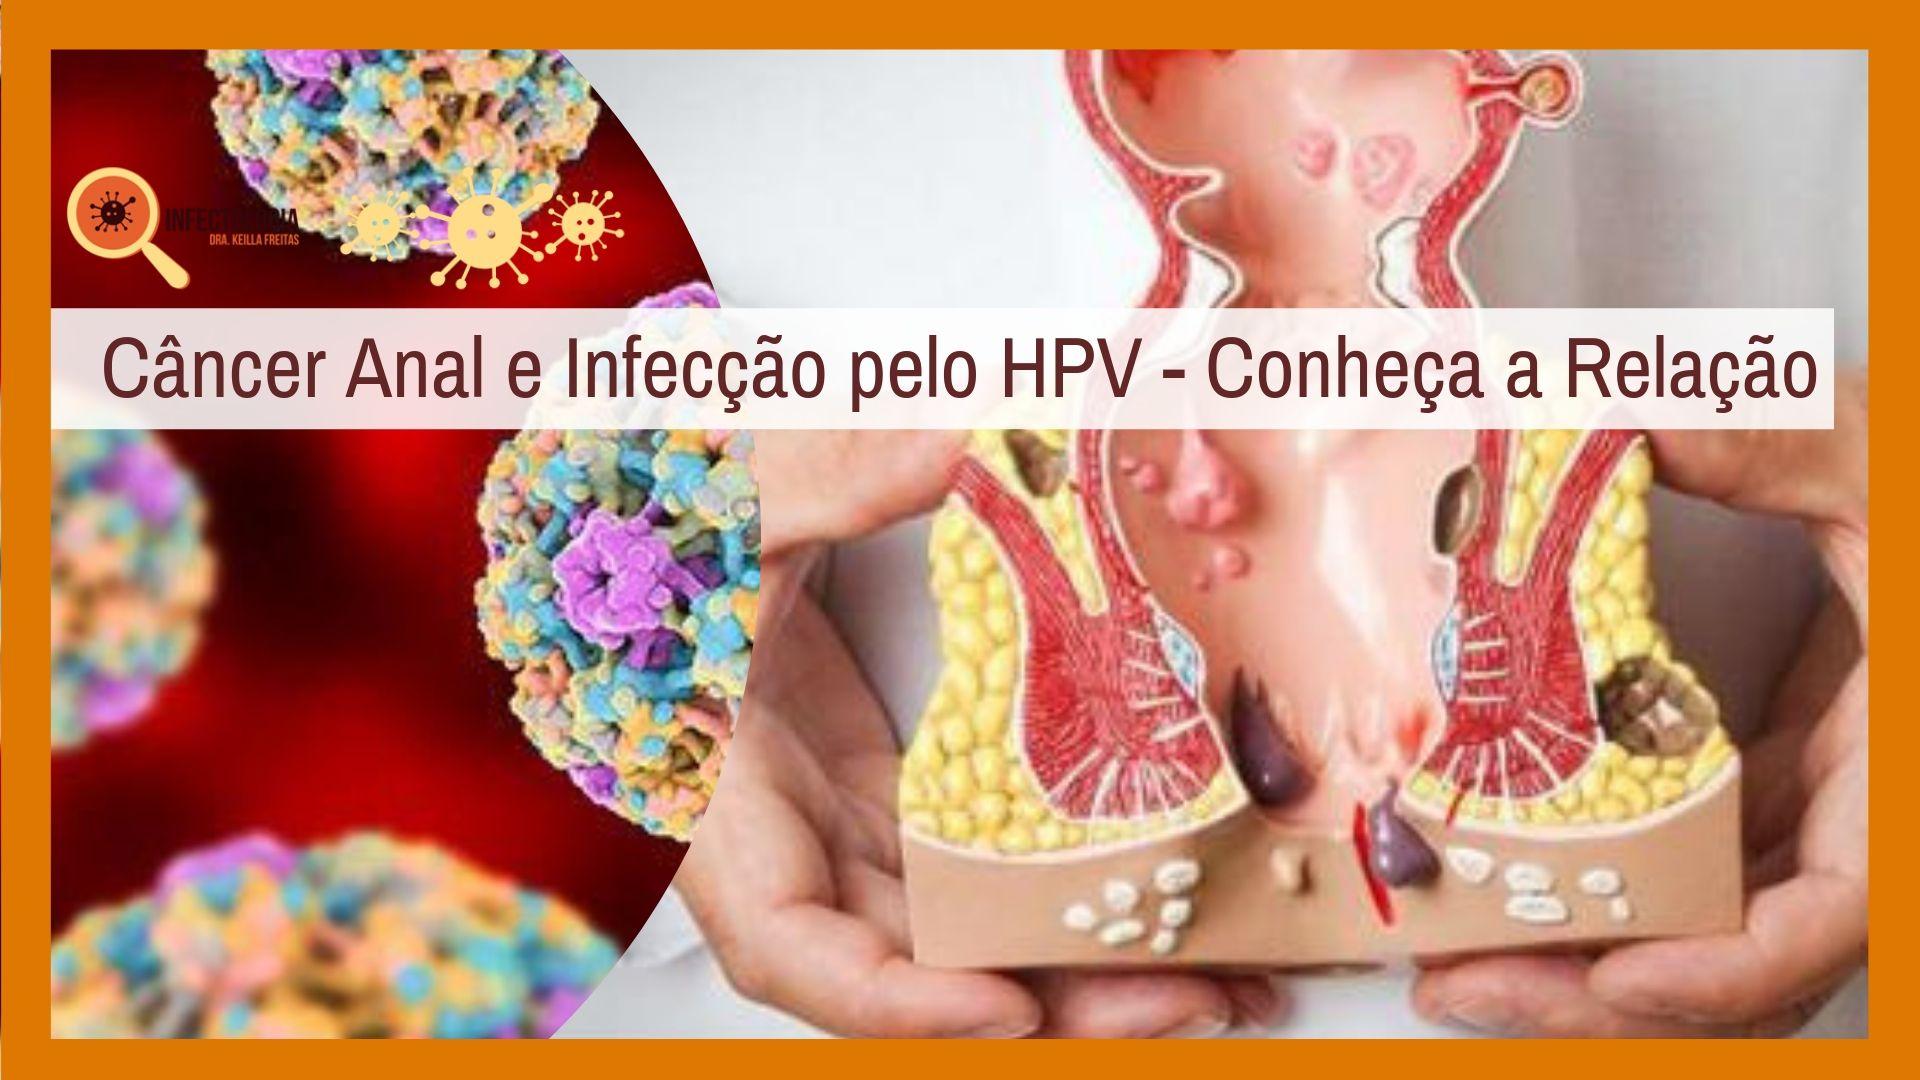 Câncer Anal e Infecção pelo HPV - Conheça a Relação